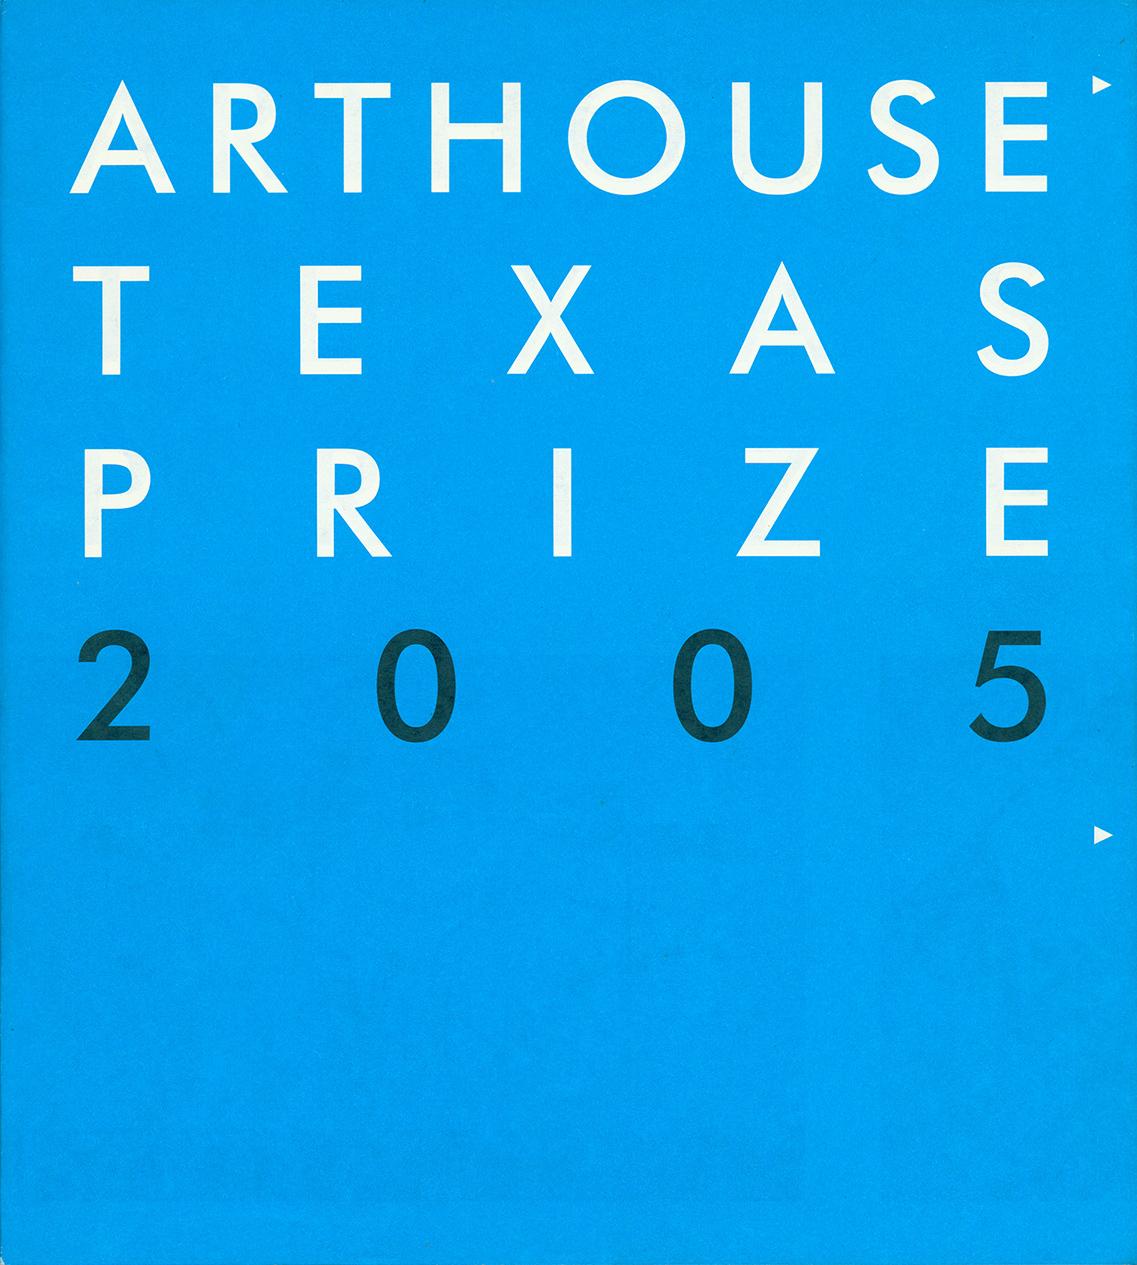 CLE_ArthouseTexasPrize_2005.jpg